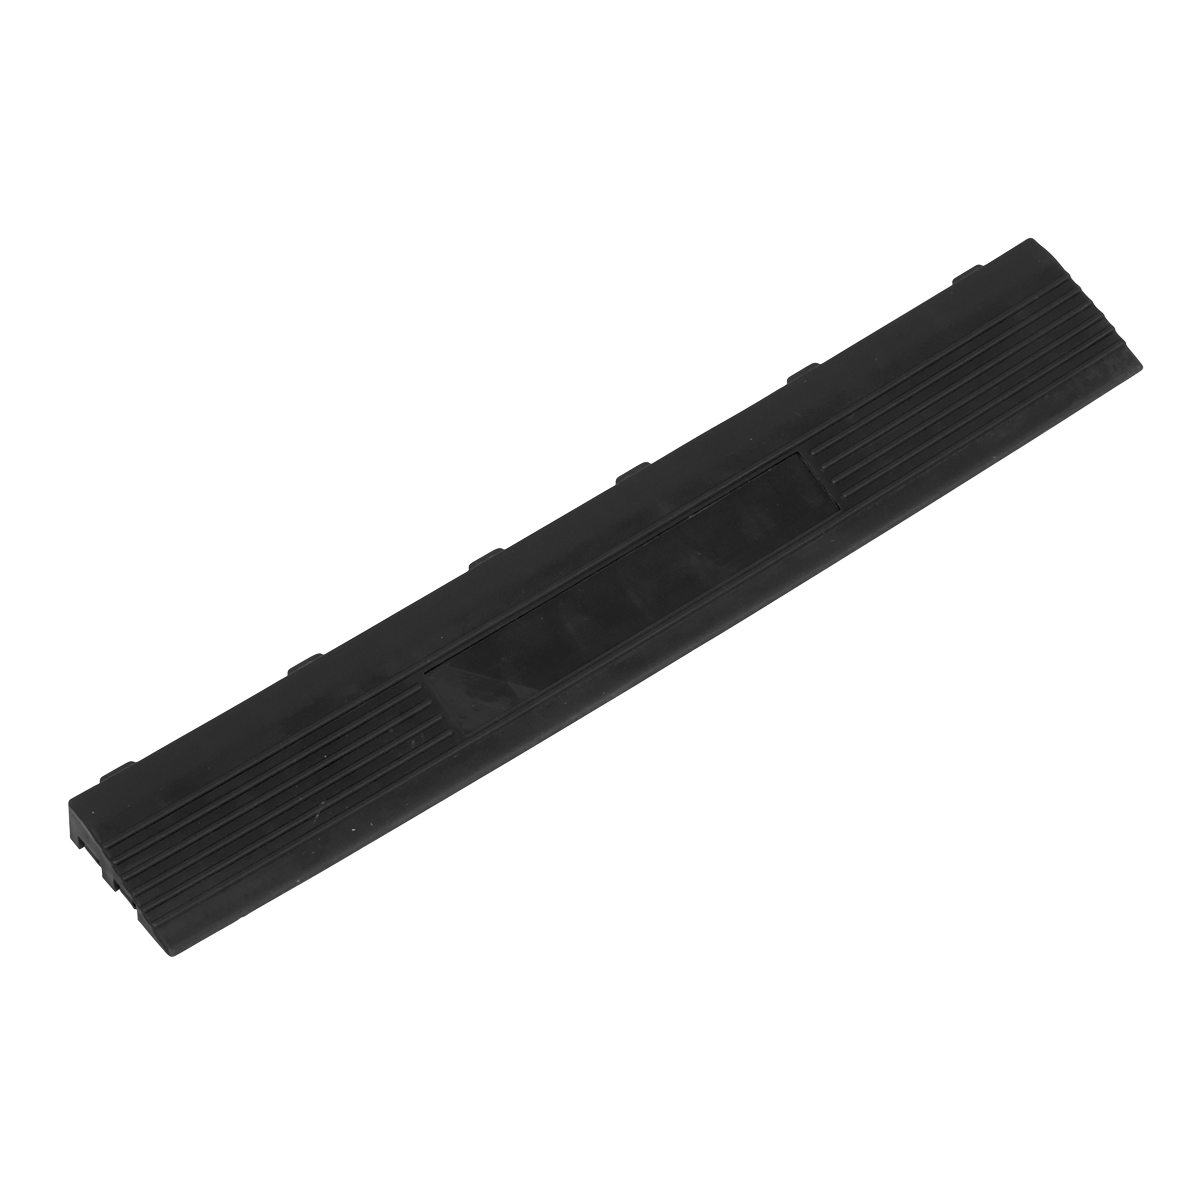 SEALEY Polypropylene Floor Tile Edge 400 x 60mm Female - Pack of 6